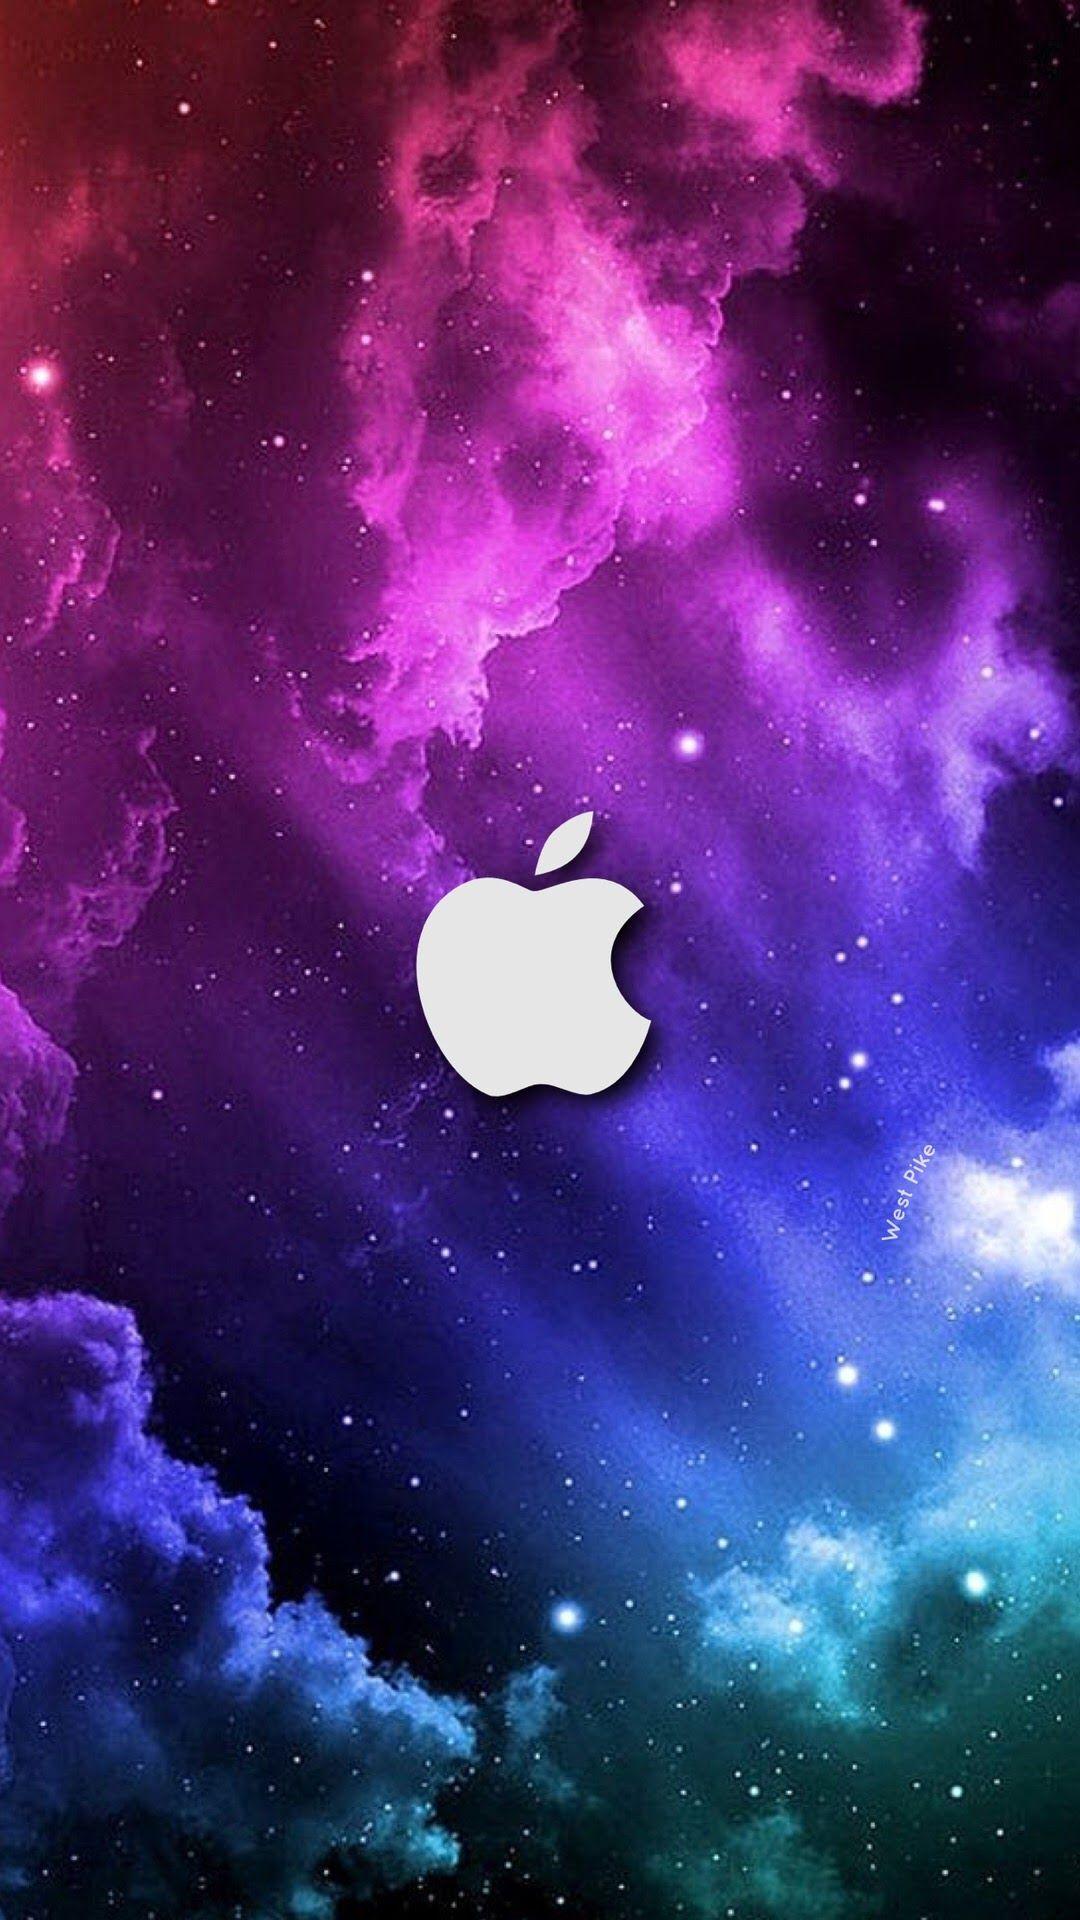 アップルロゴ銀河 かわいいリンゴの壁紙 1080x19 Wallpapertip